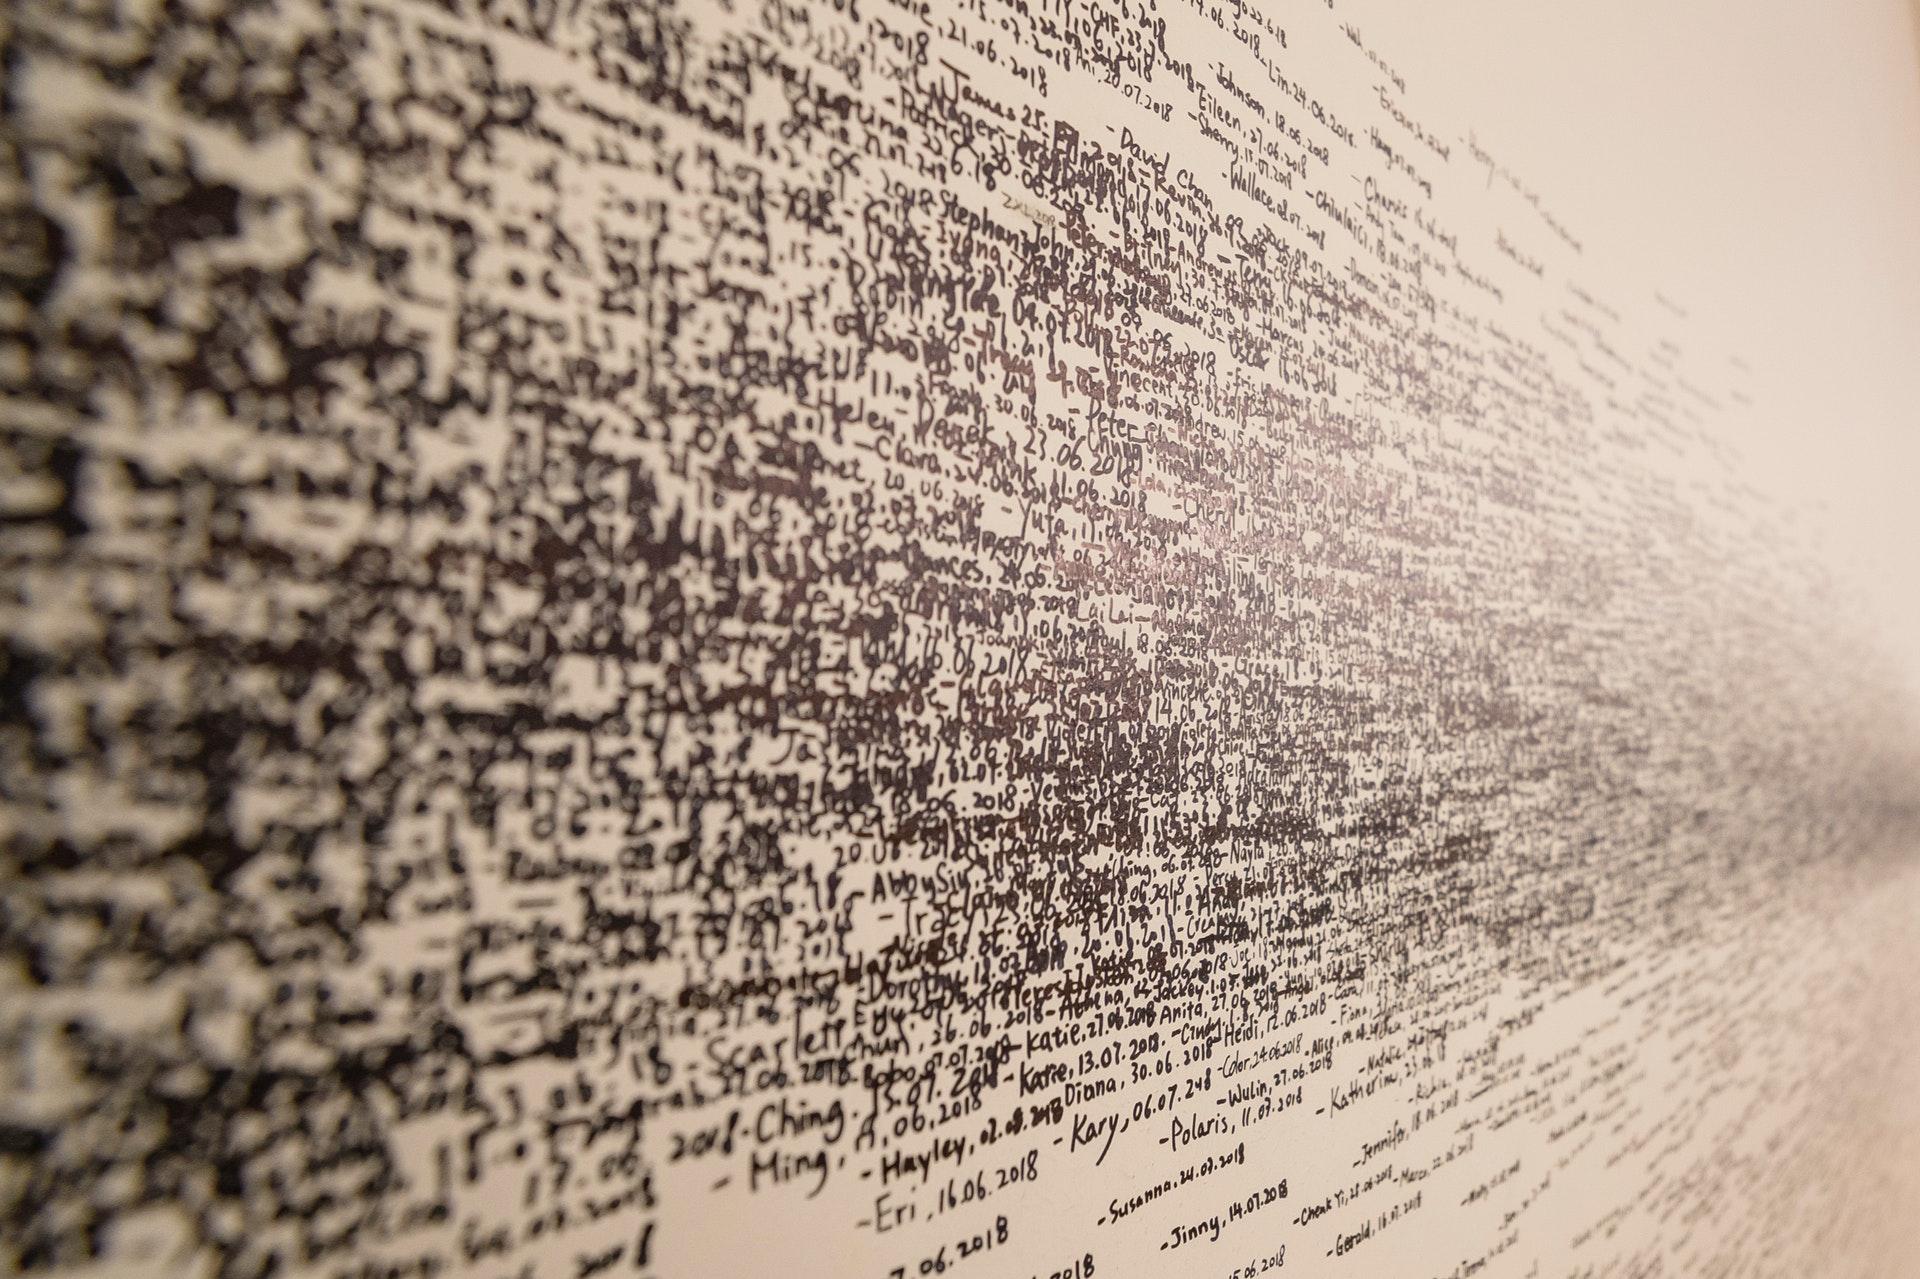 Parole su un muro